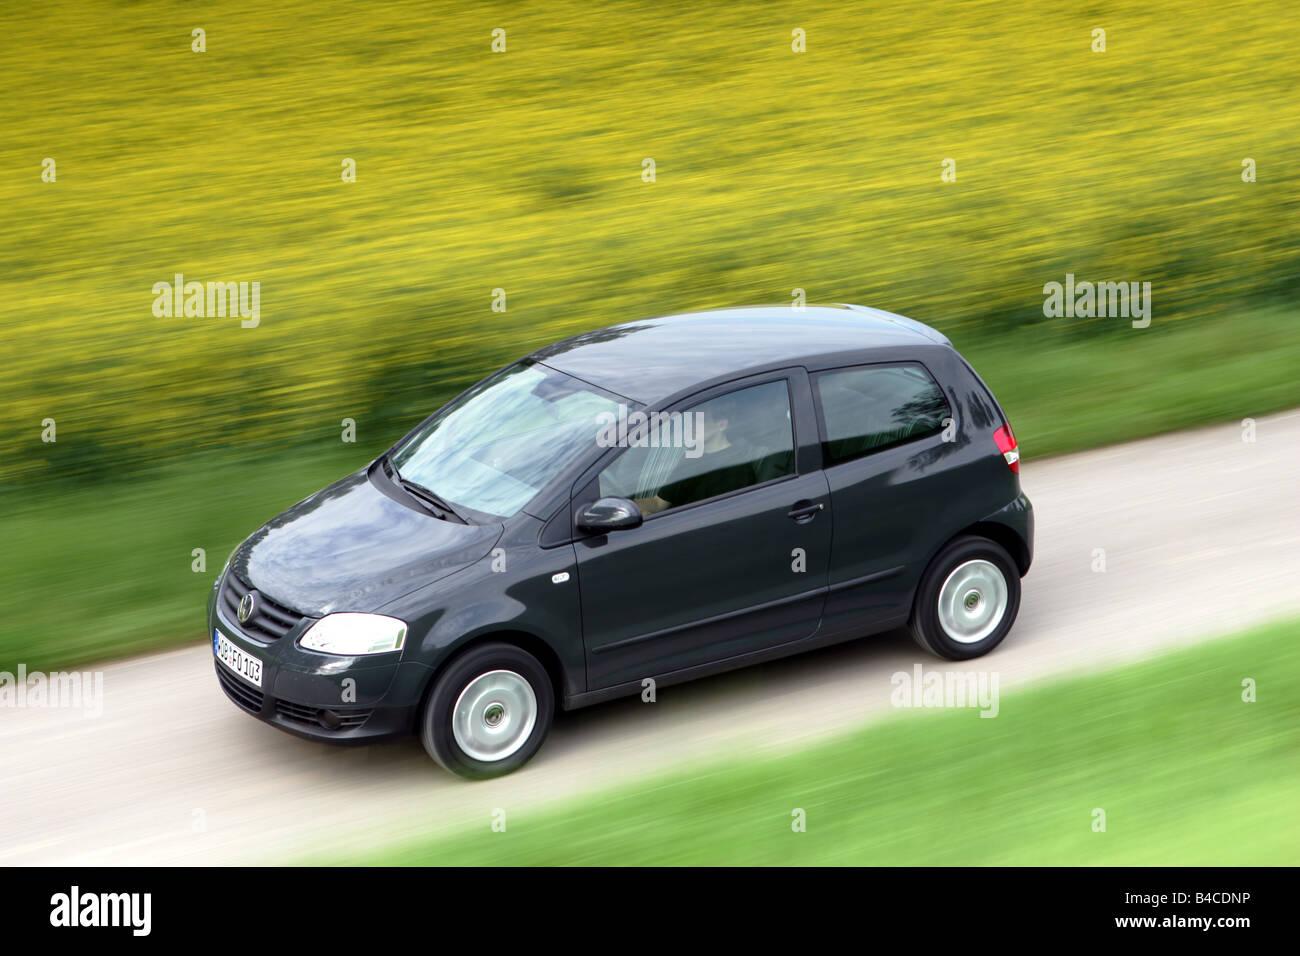 car vw volkswagen fox 1 2 model year 2005 black. Black Bedroom Furniture Sets. Home Design Ideas